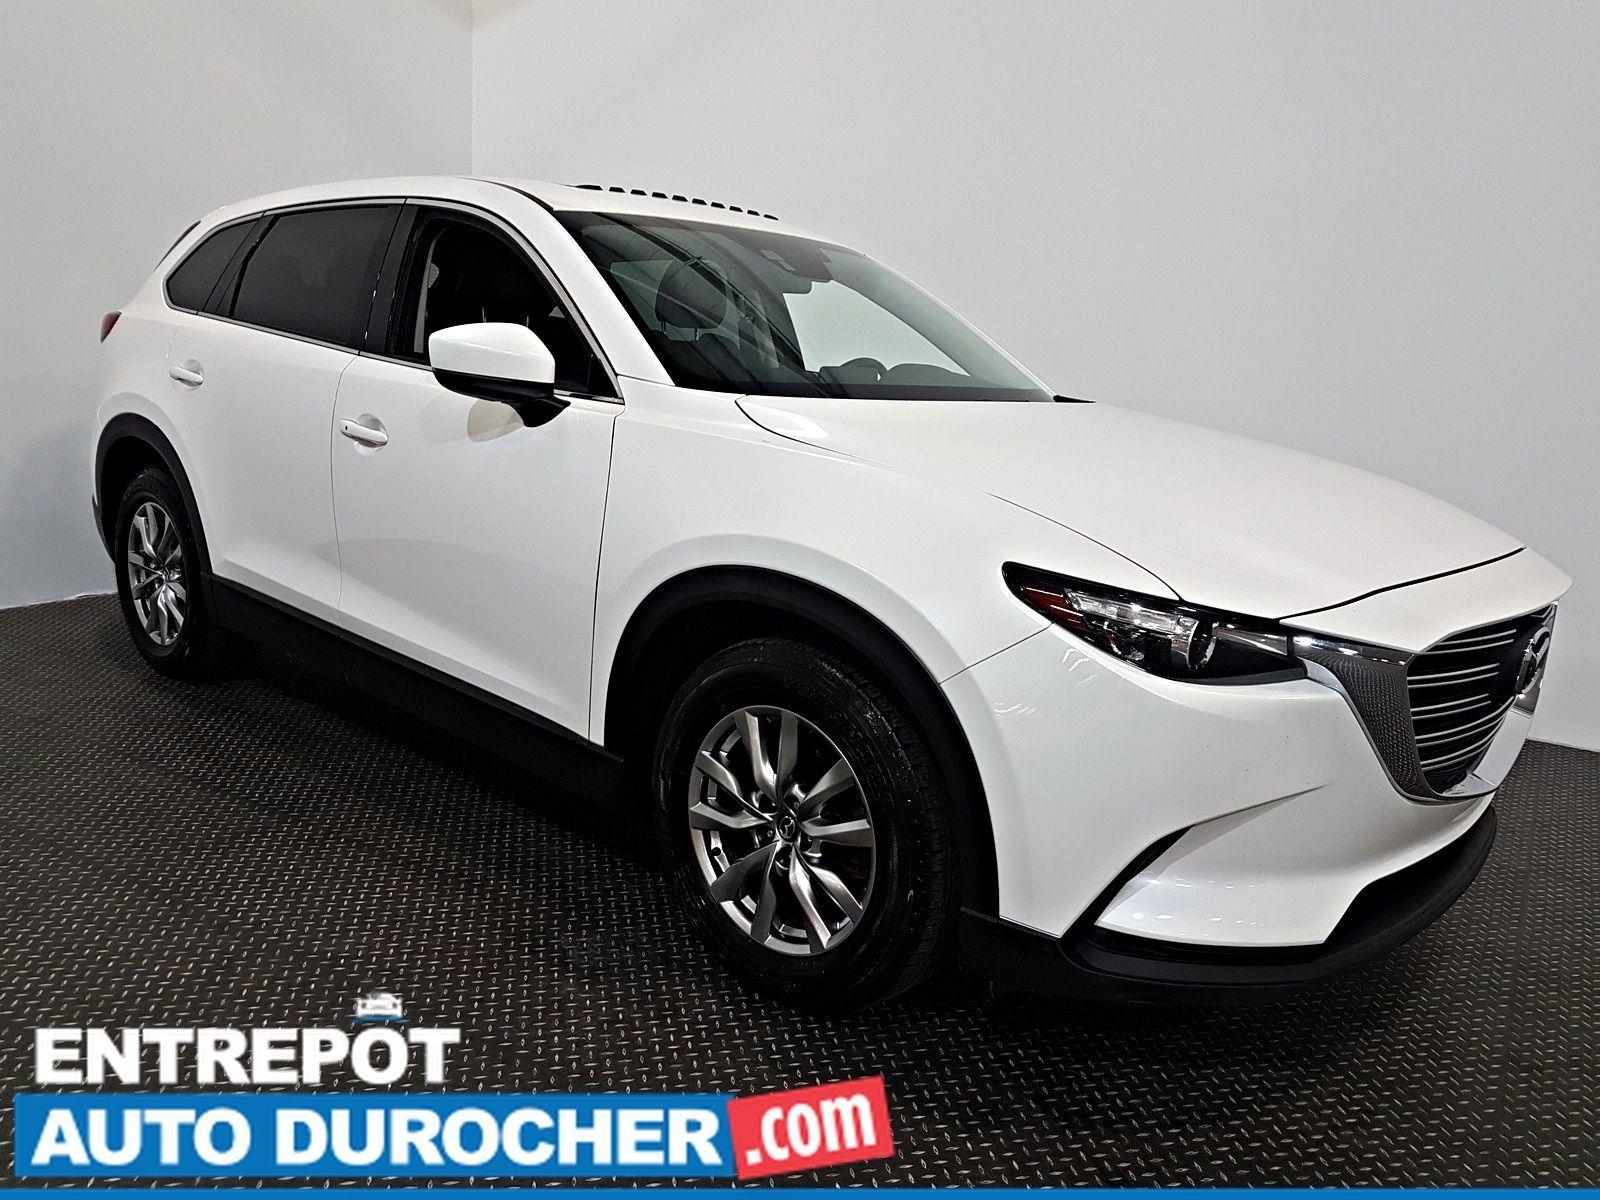 2016 Mazda CX-9 GS-L TOIT OUVRANT - Automatique - A/C - Cuir